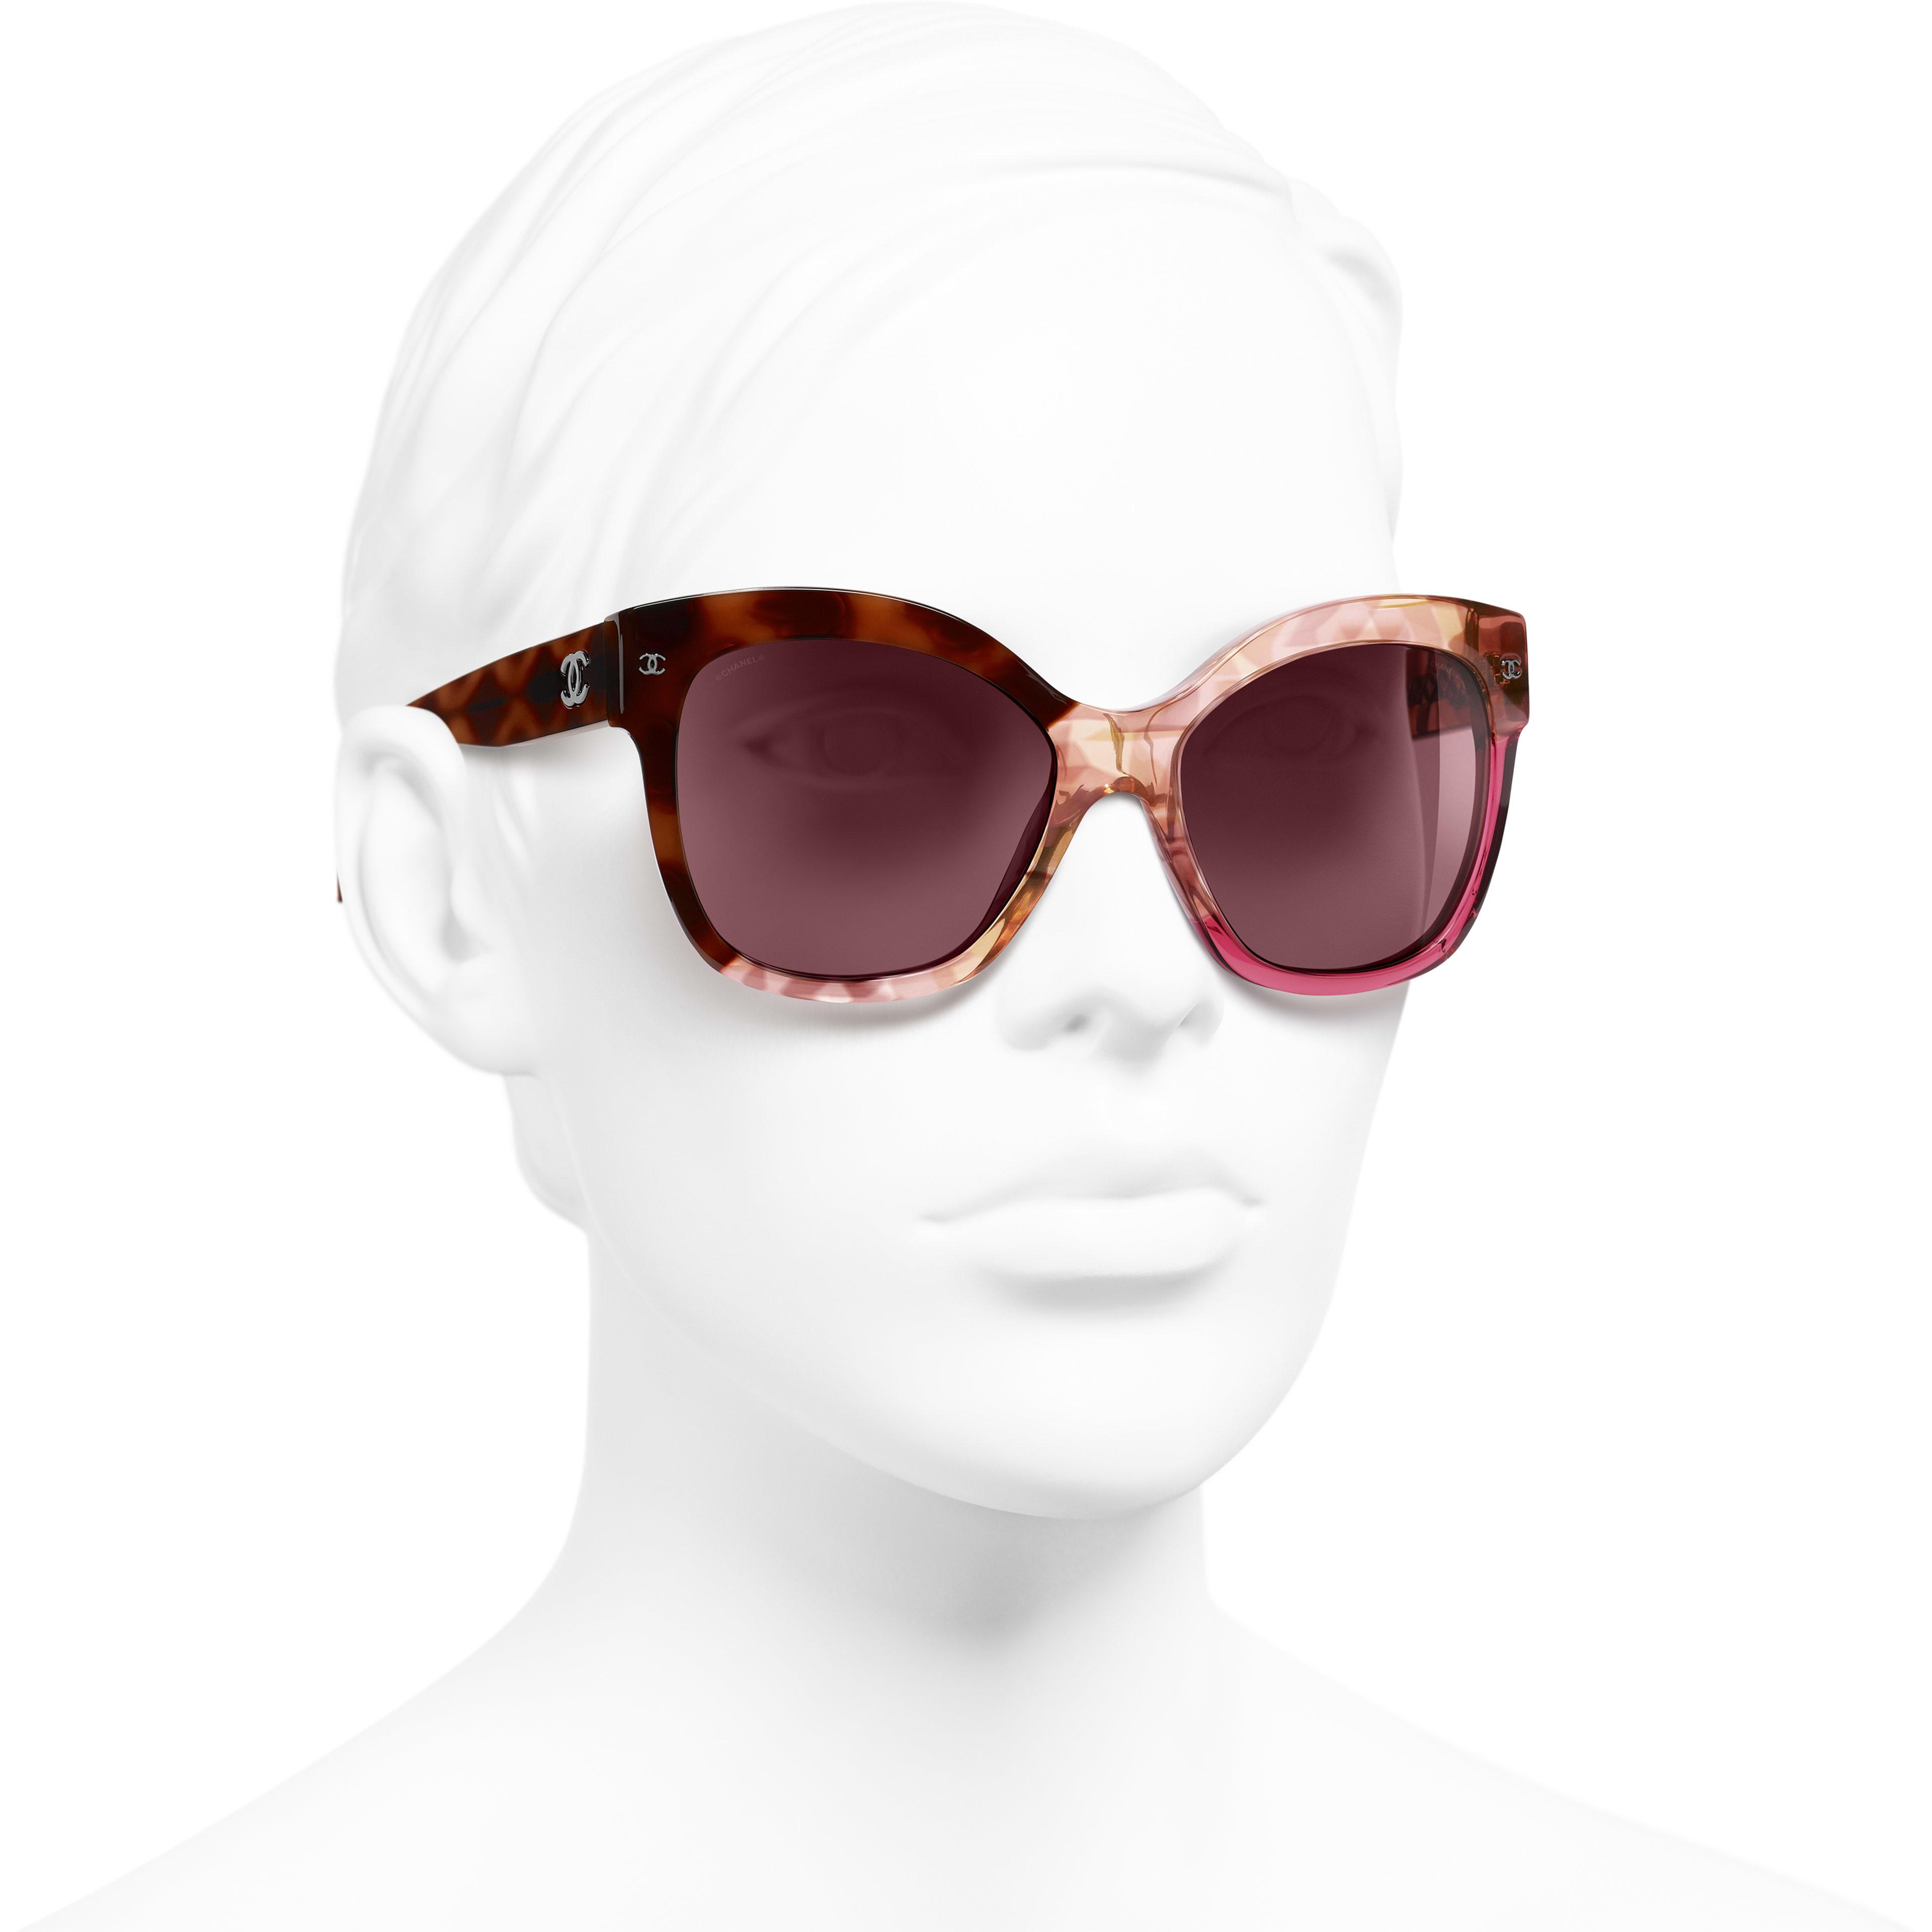 Okulary przeciwsłoneczne motyle - Kolor ciemnoszylkretowy i różowy - Acetat - Widok 3/4 – zobacz w standardowym rozmiarze